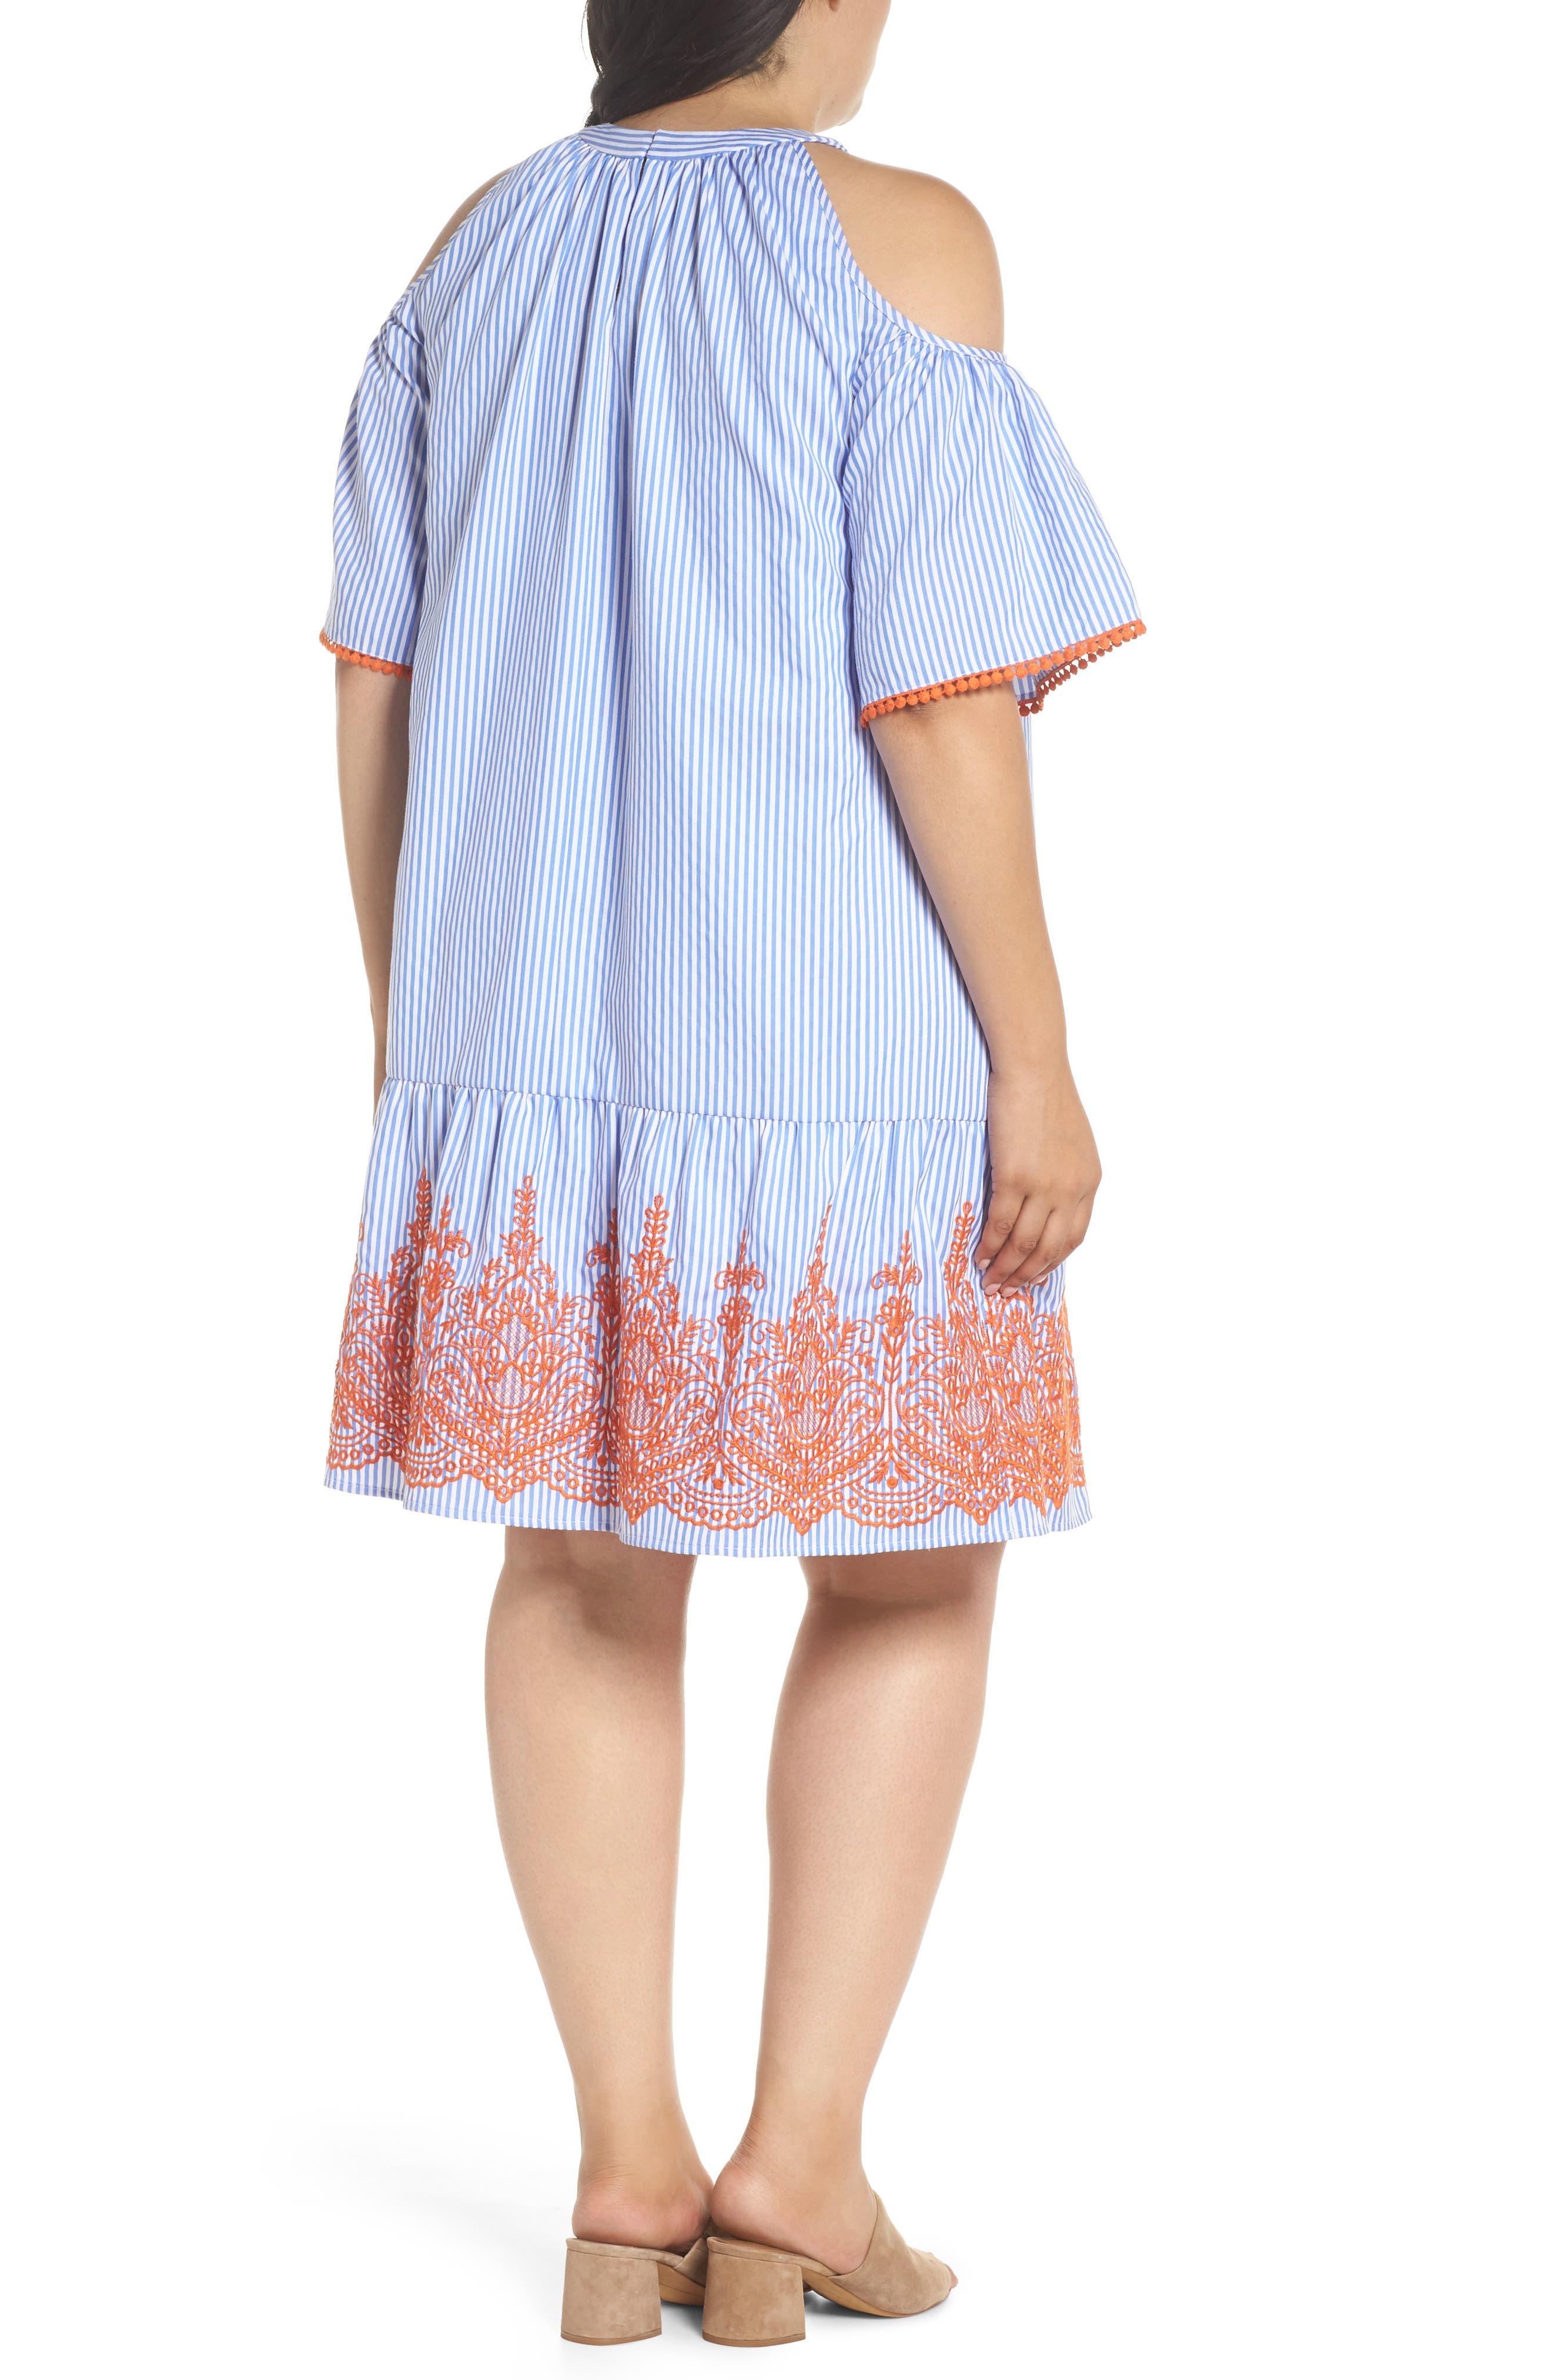 Embroidered Stripe Cold Shoulder Shift Dress,                             Alternate thumbnail 2, color,                             Blue/ White/ Orange